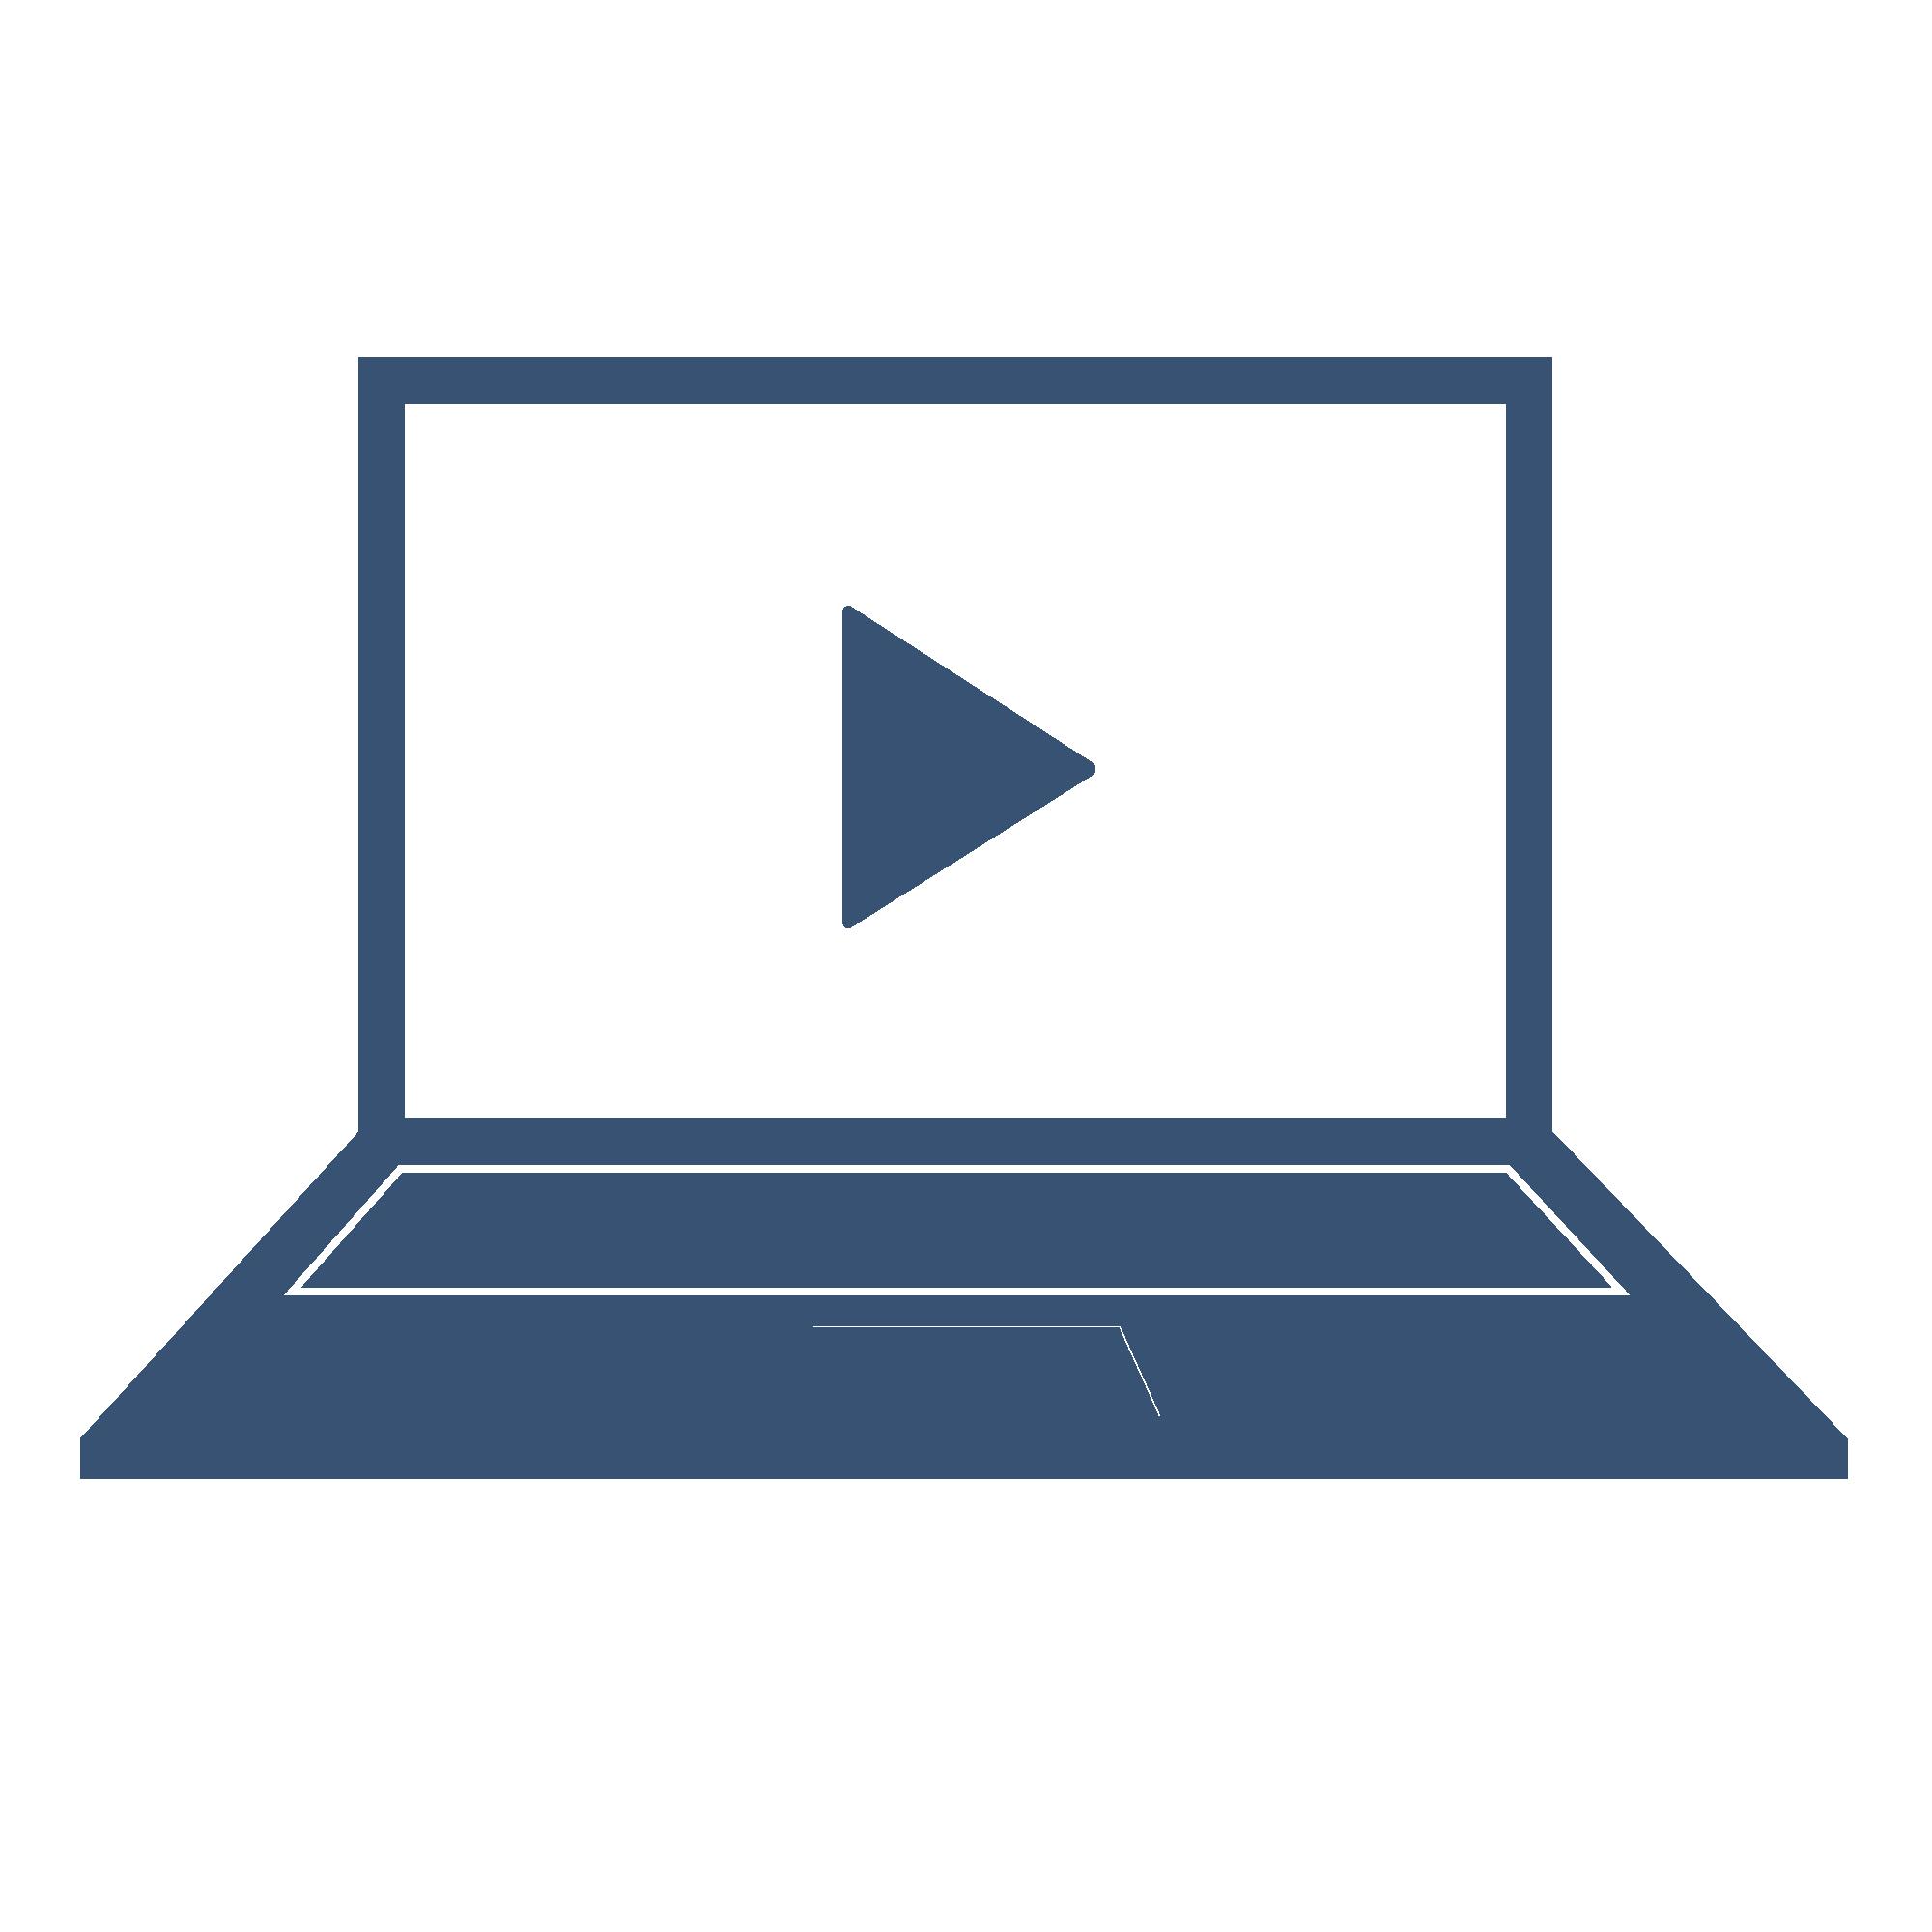 Mitarbeiterschulung Datenschutz - Step 4 Video ansehen | emitarbeiterschulung.de